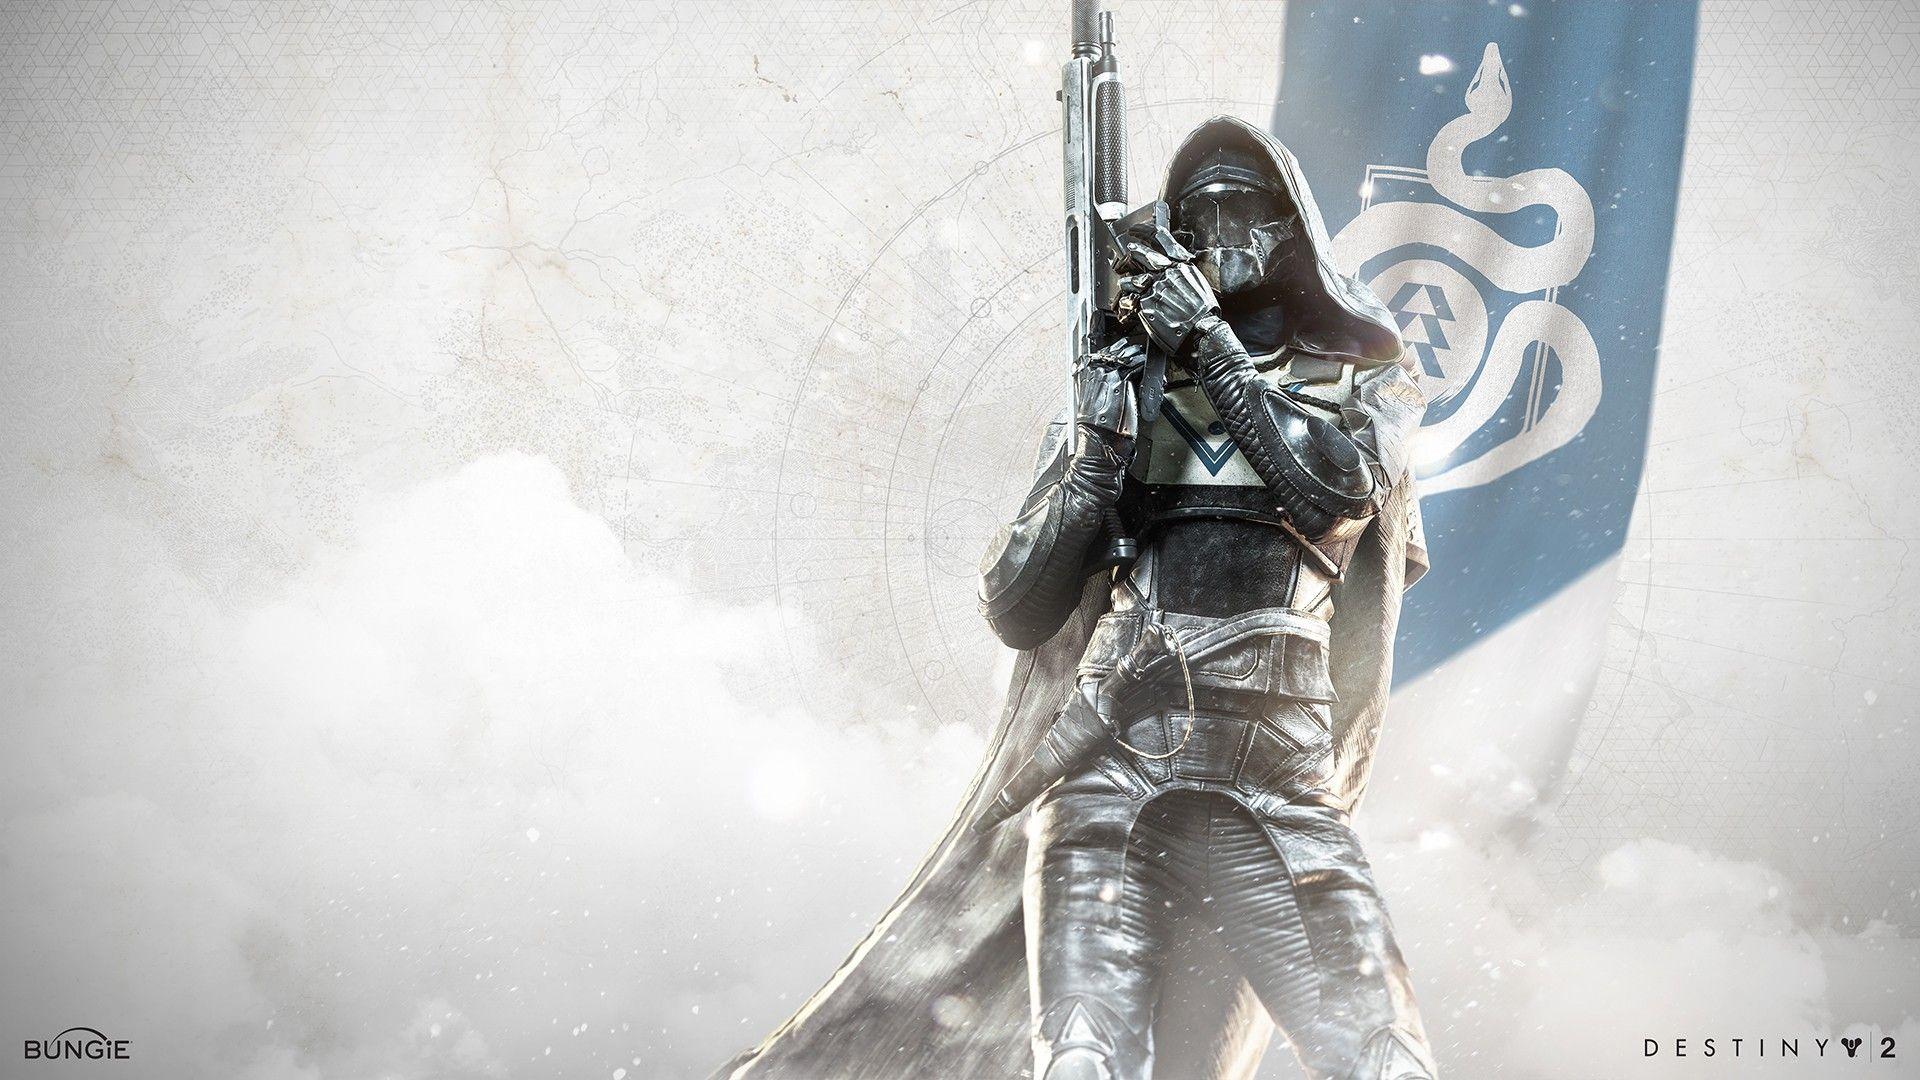 Destiny 2 Hunter Wallpaper 2021 Live Wallpaper Hd Symbolic Art Cool Wallpaper Wallpaper Backgrounds